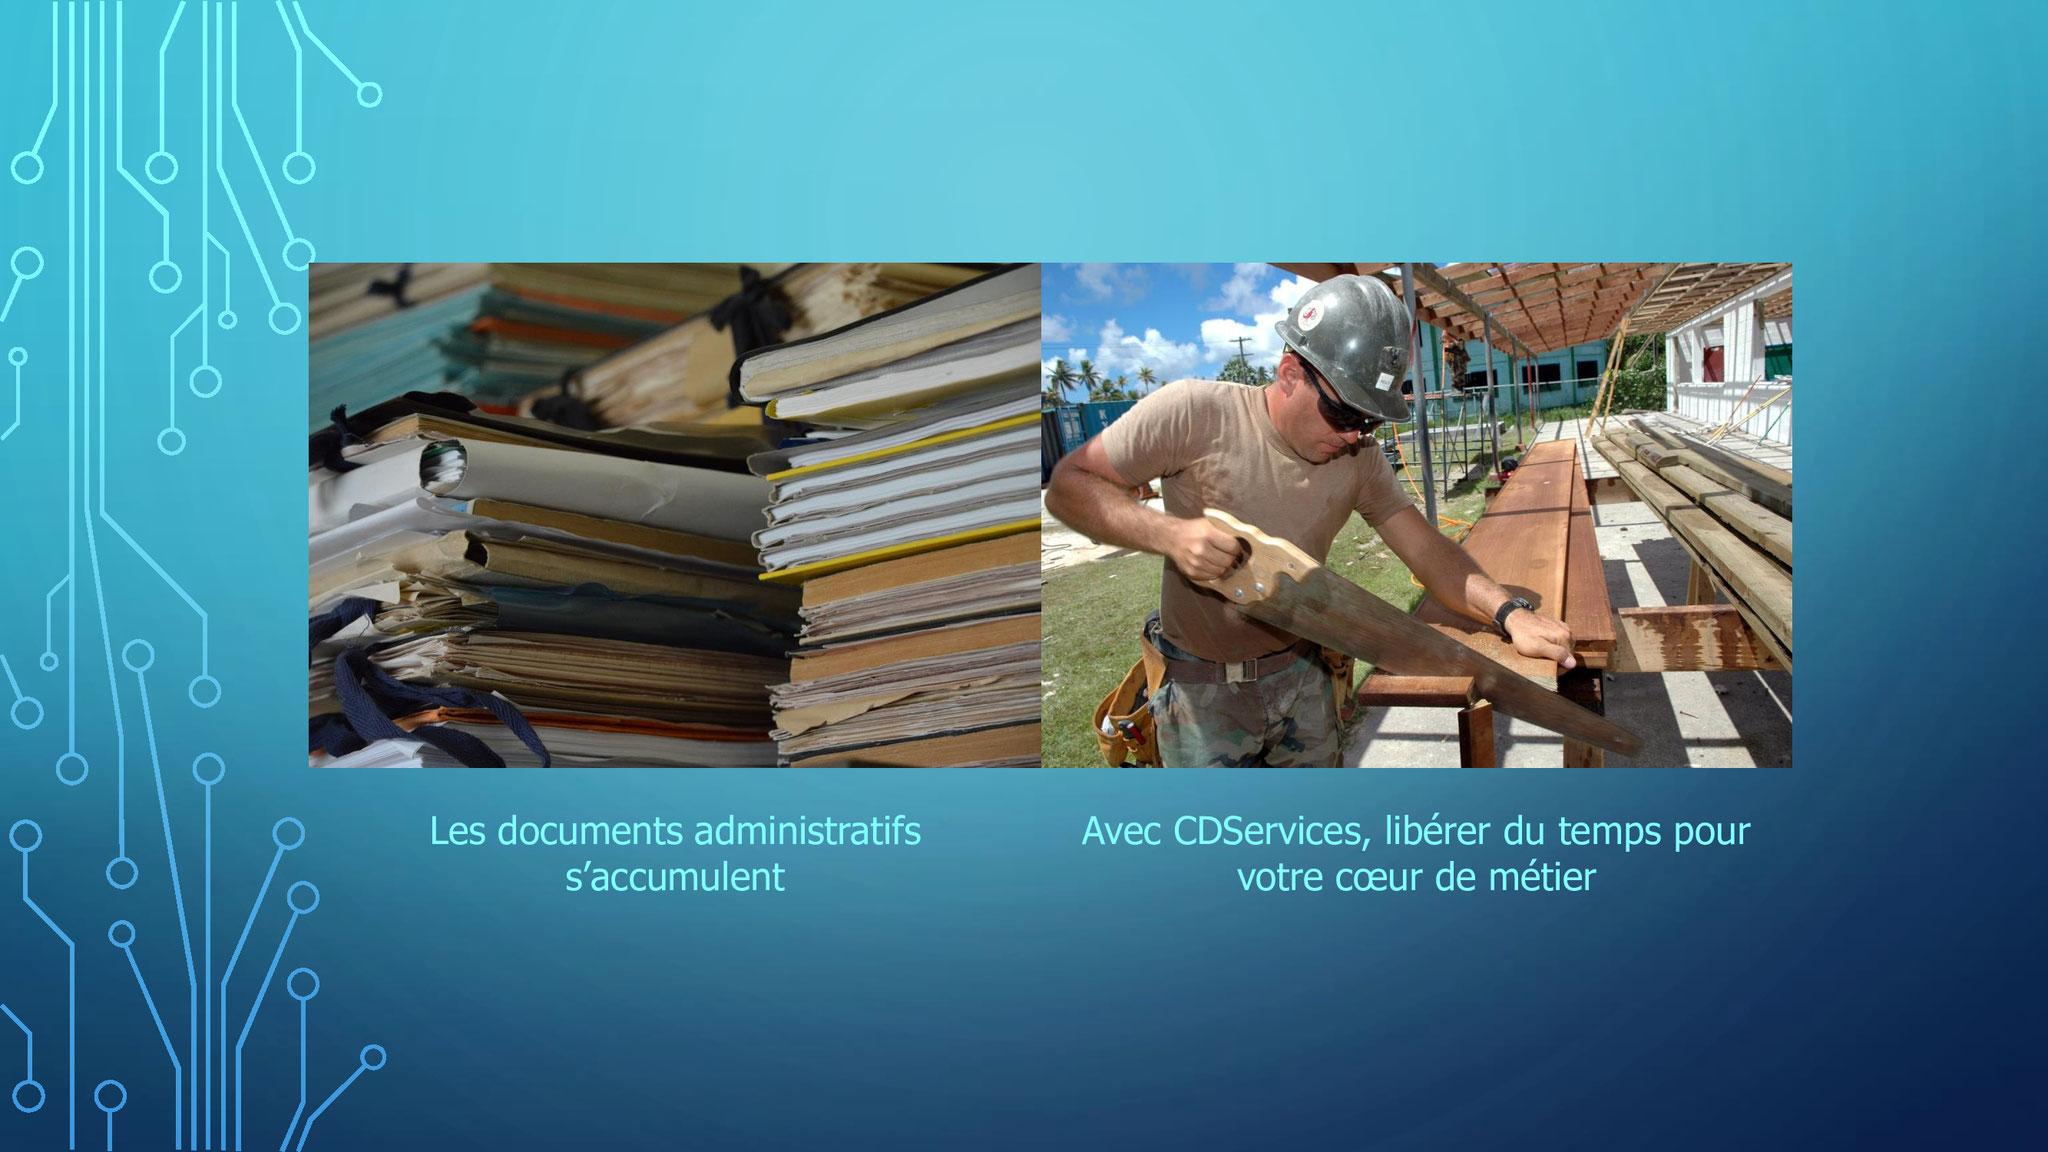 CDServices, les documents administratifs s'accumulent et vous avez besoin de temps à consacrer à votre activité professionnelle